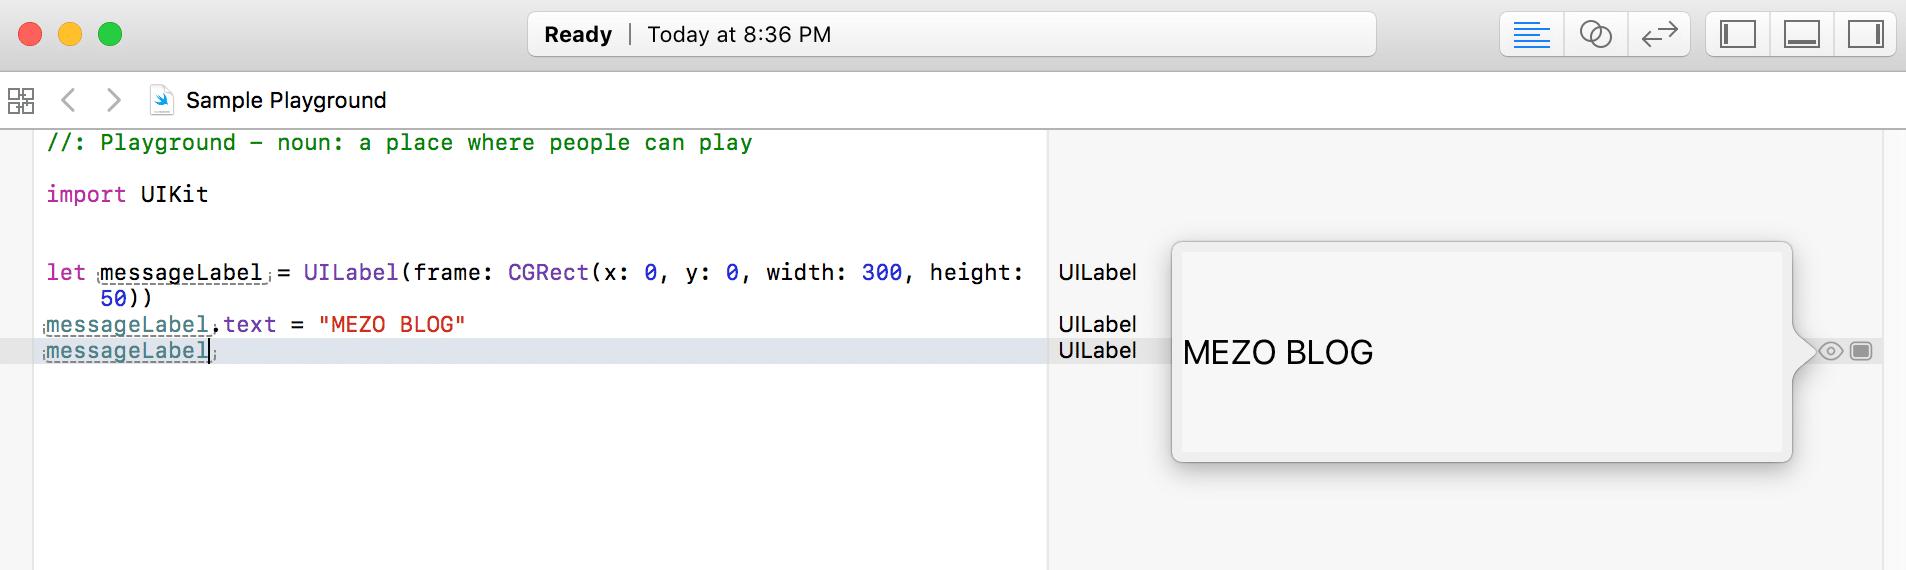 Bölüm 2 – Swift Playground ile Oynayalım